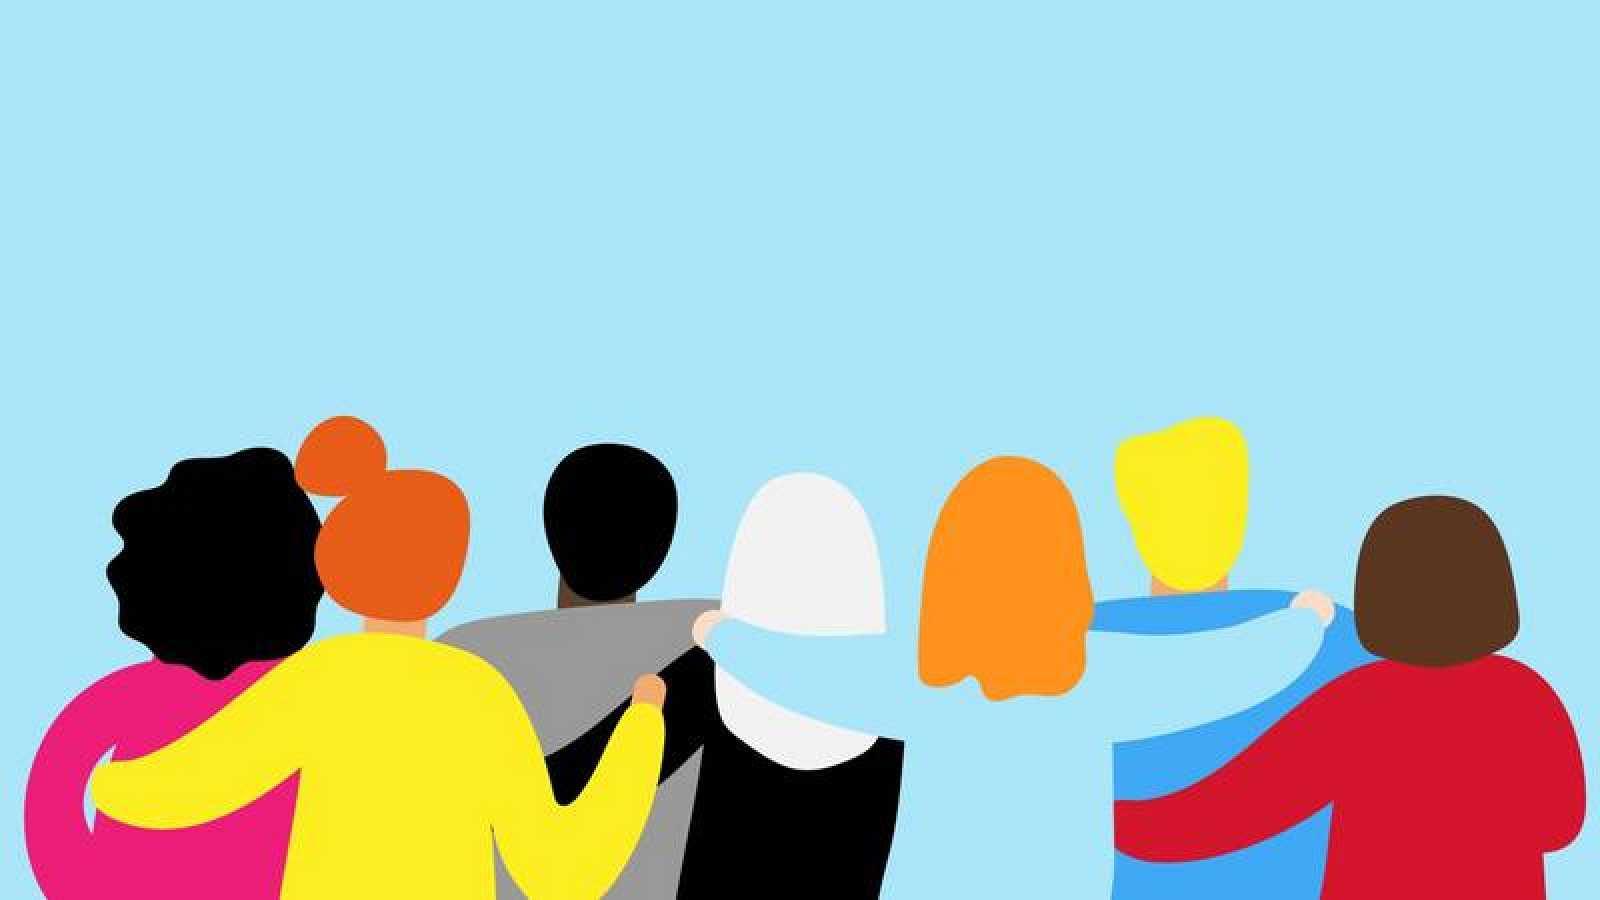 La solidaridad: El virus bueno | Iniciativas solidarias para enfrentar la crisis sanitaria